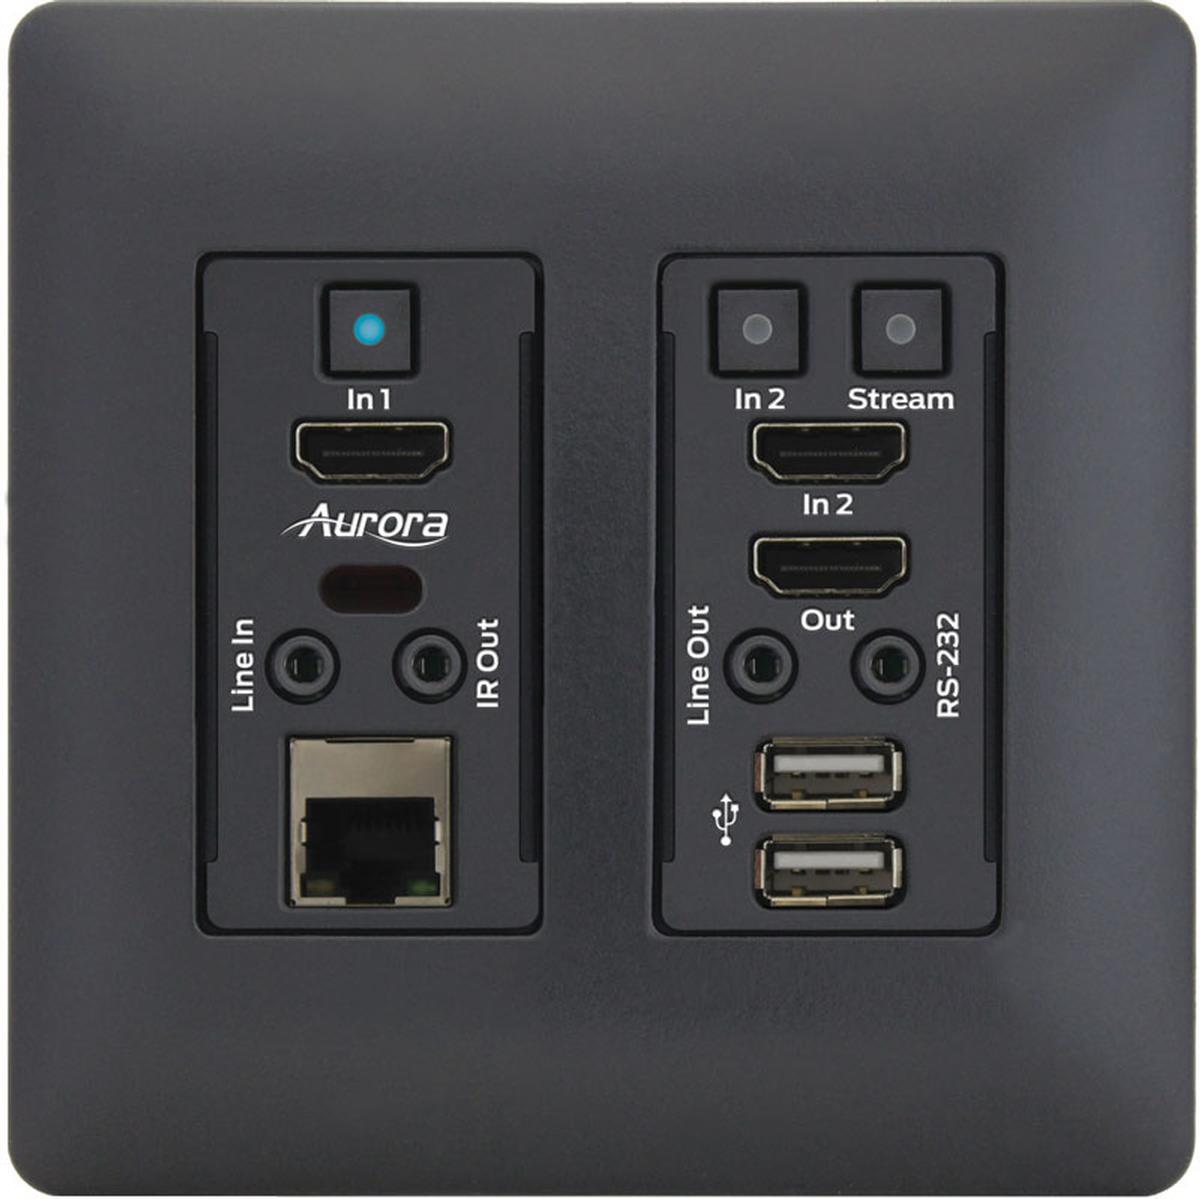 Vlx Tcw2h C B Av Over Ip 4k 1gbps Streaming Transceiver